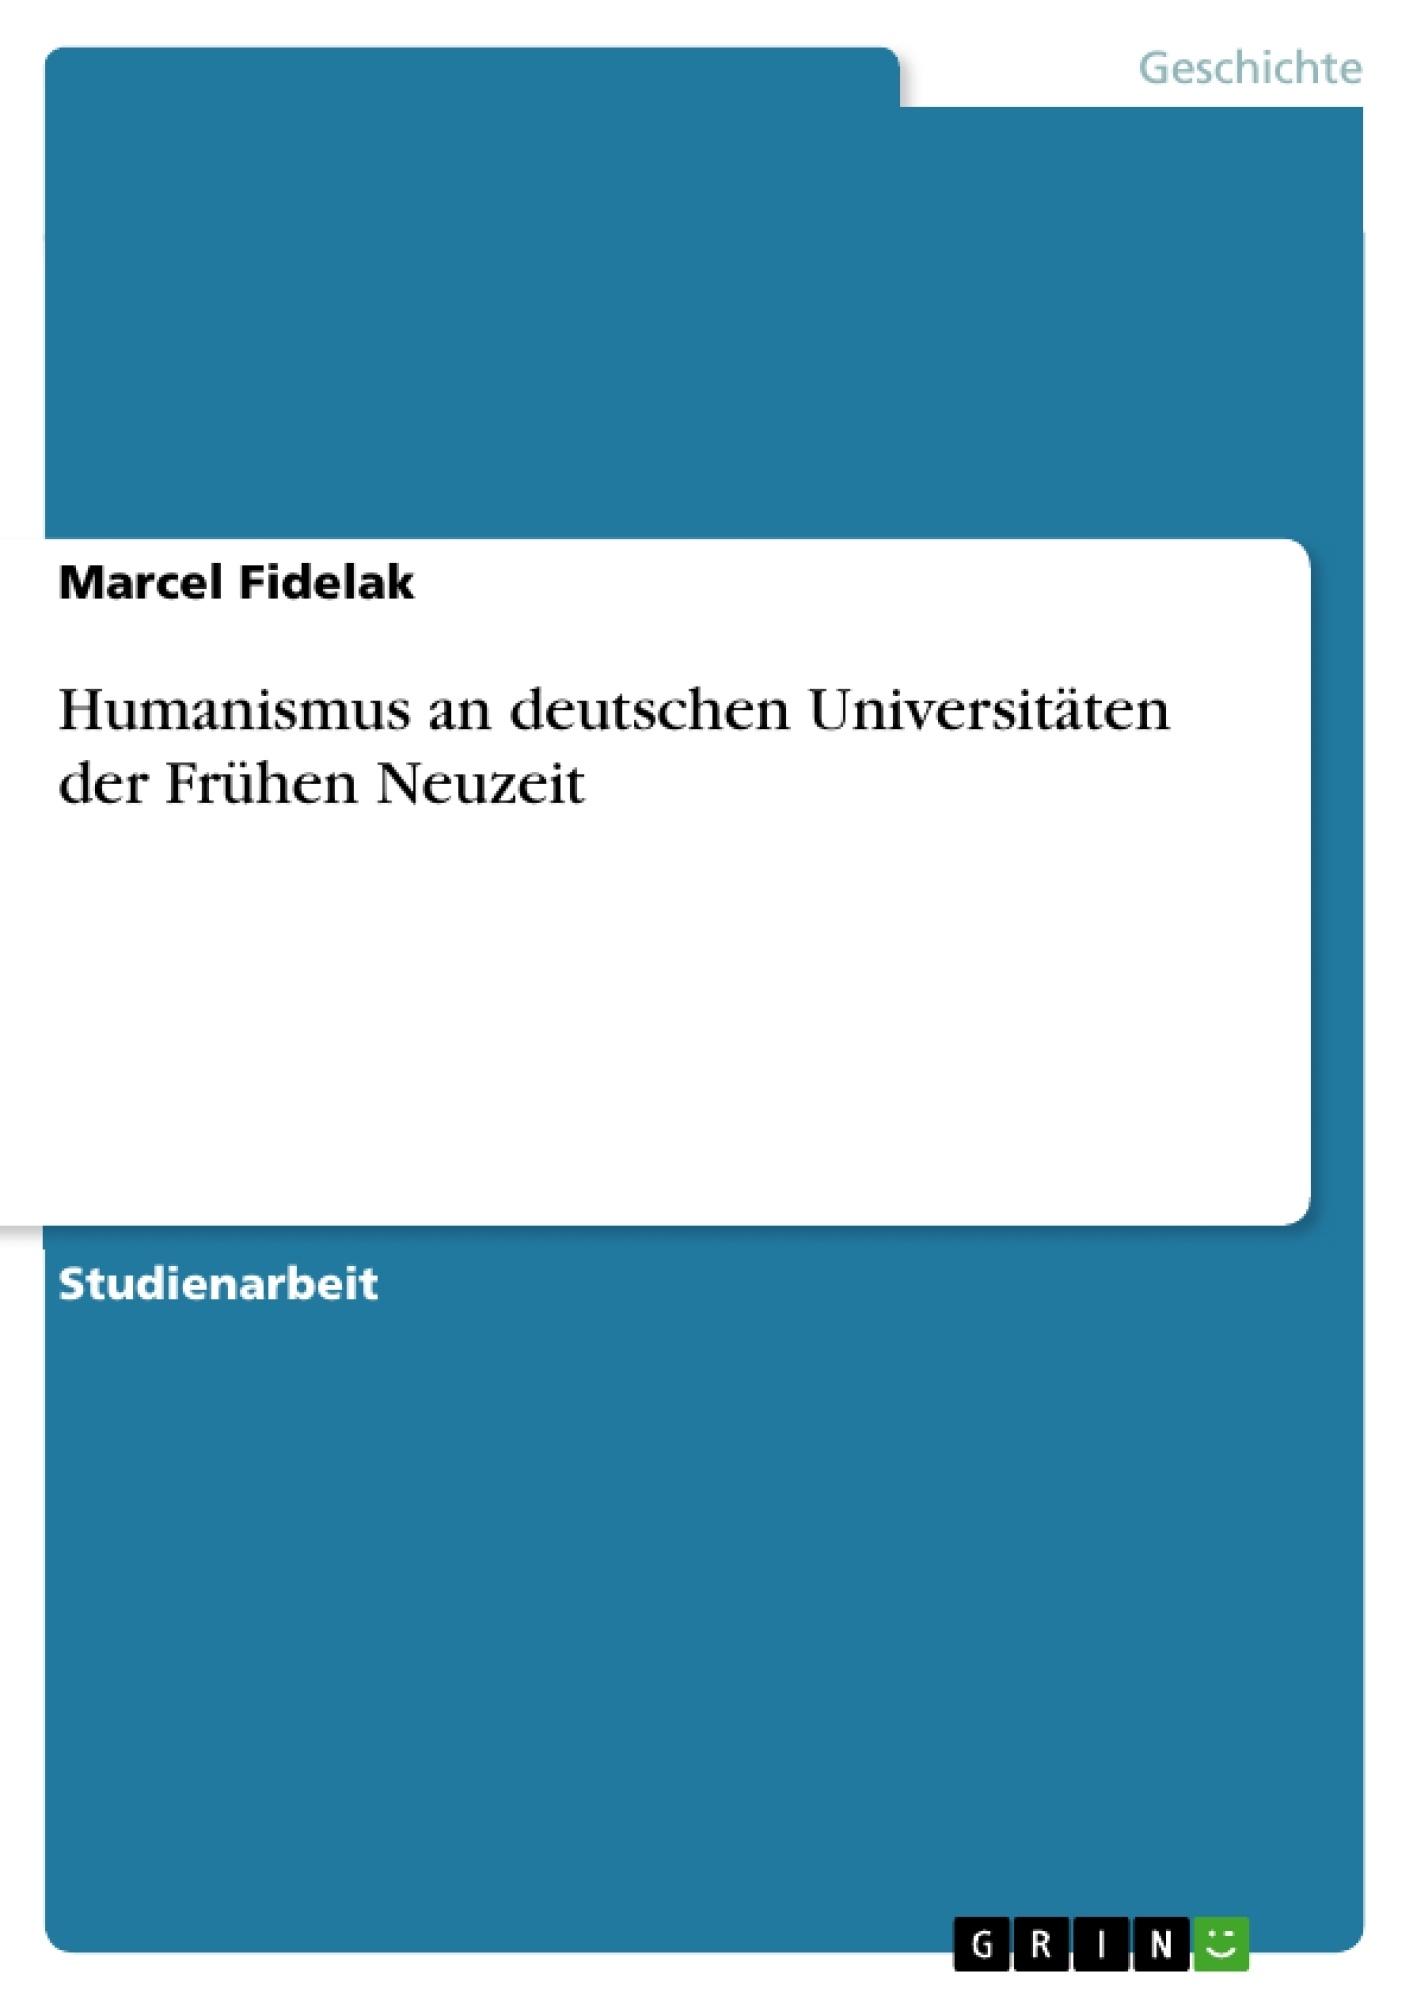 Titel: Humanismus an deutschen Universitäten der Frühen Neuzeit